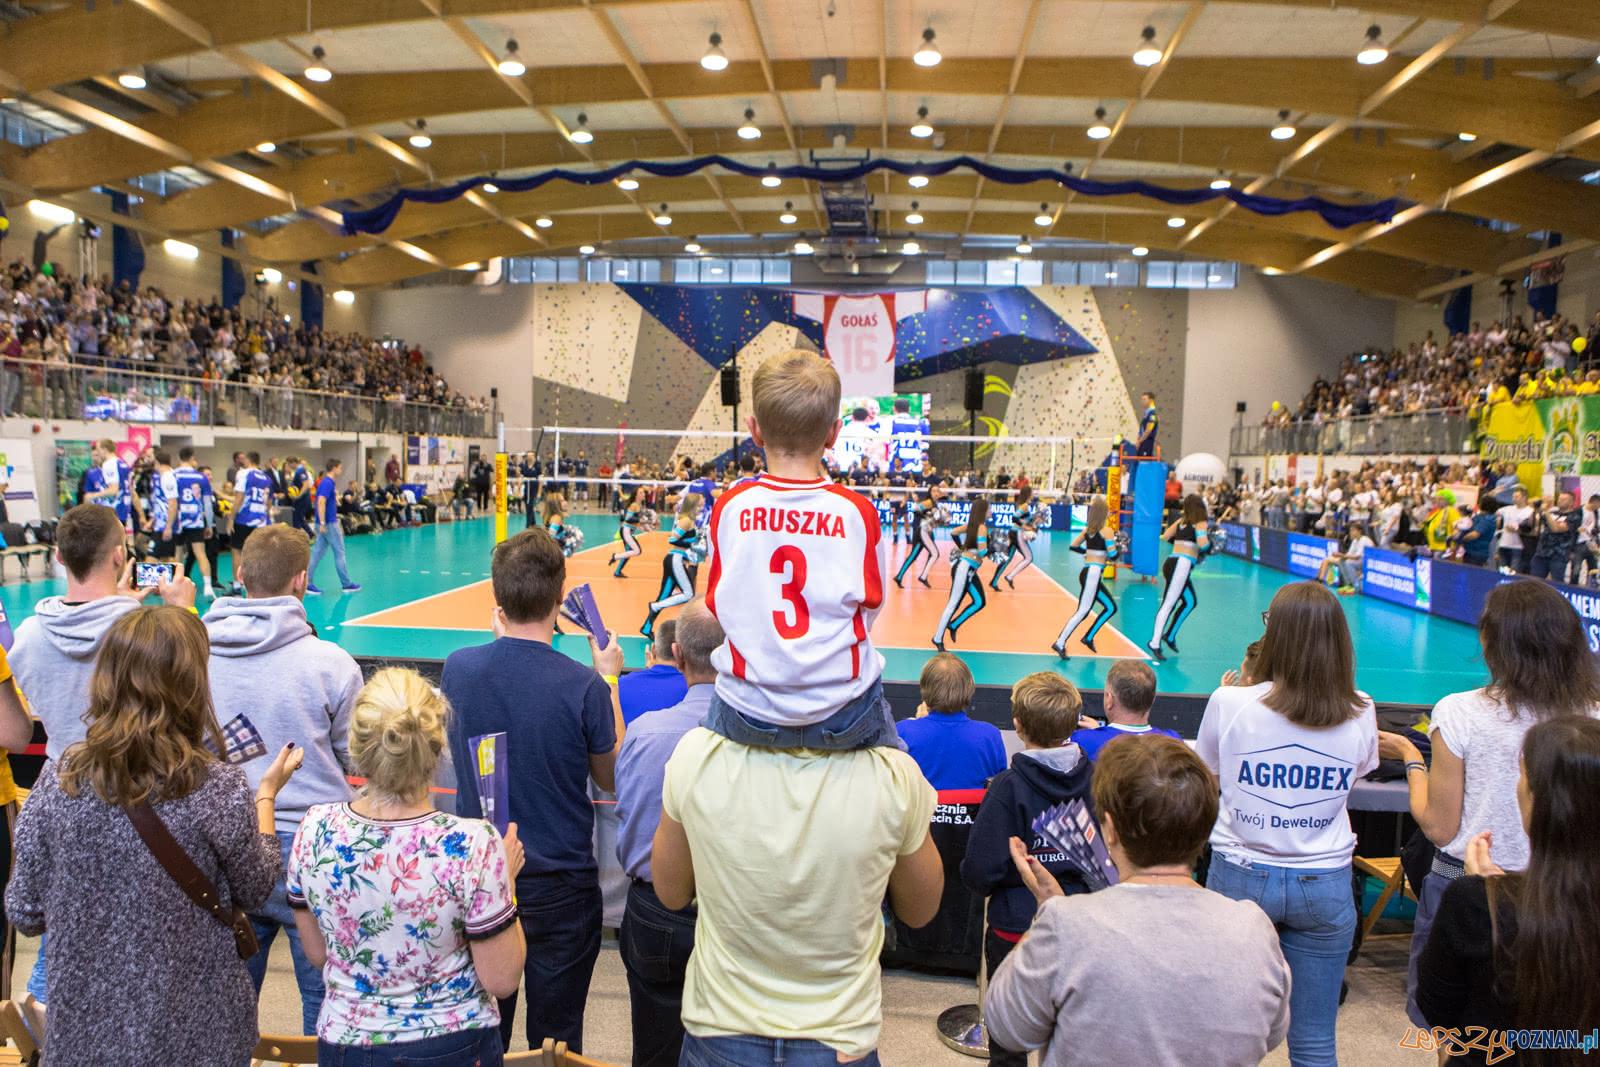 XIV Agrobex Memoriał Arkadiusza Gołasia - Zalasewo/Swarzędz 7  Foto: LepszyPOZNAN.pl / Paweł Rychter